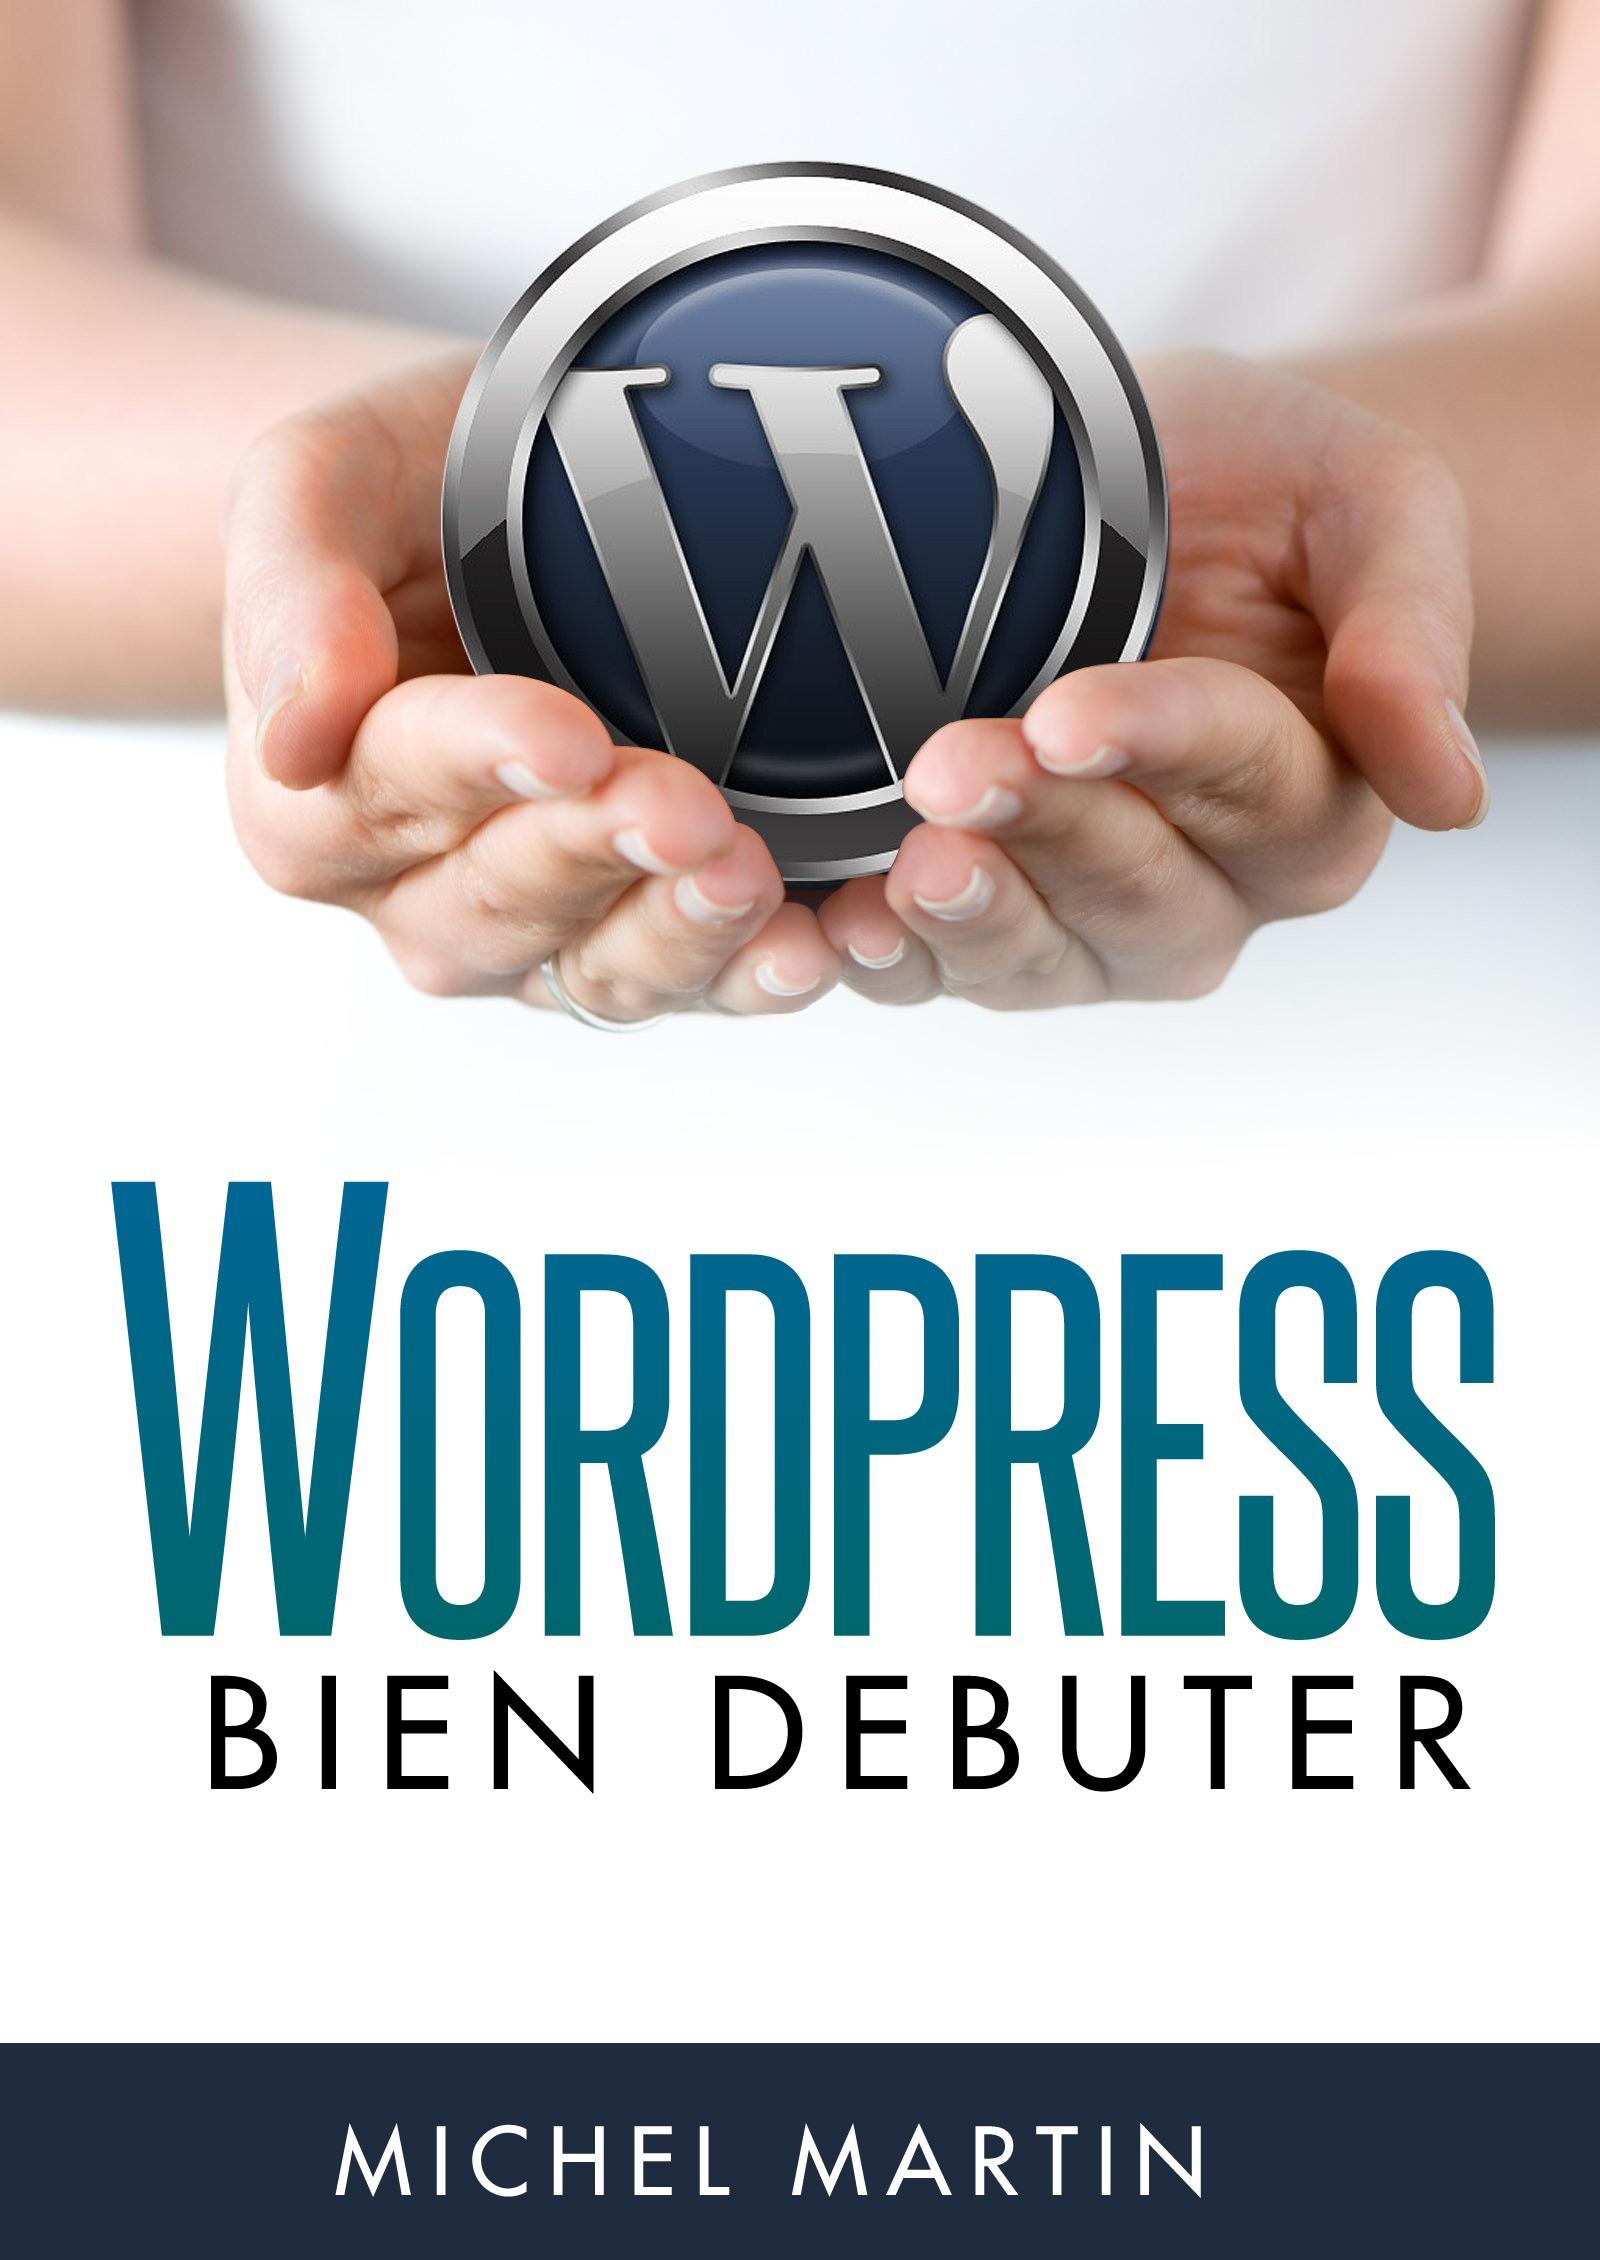 WordPress, bien débuter